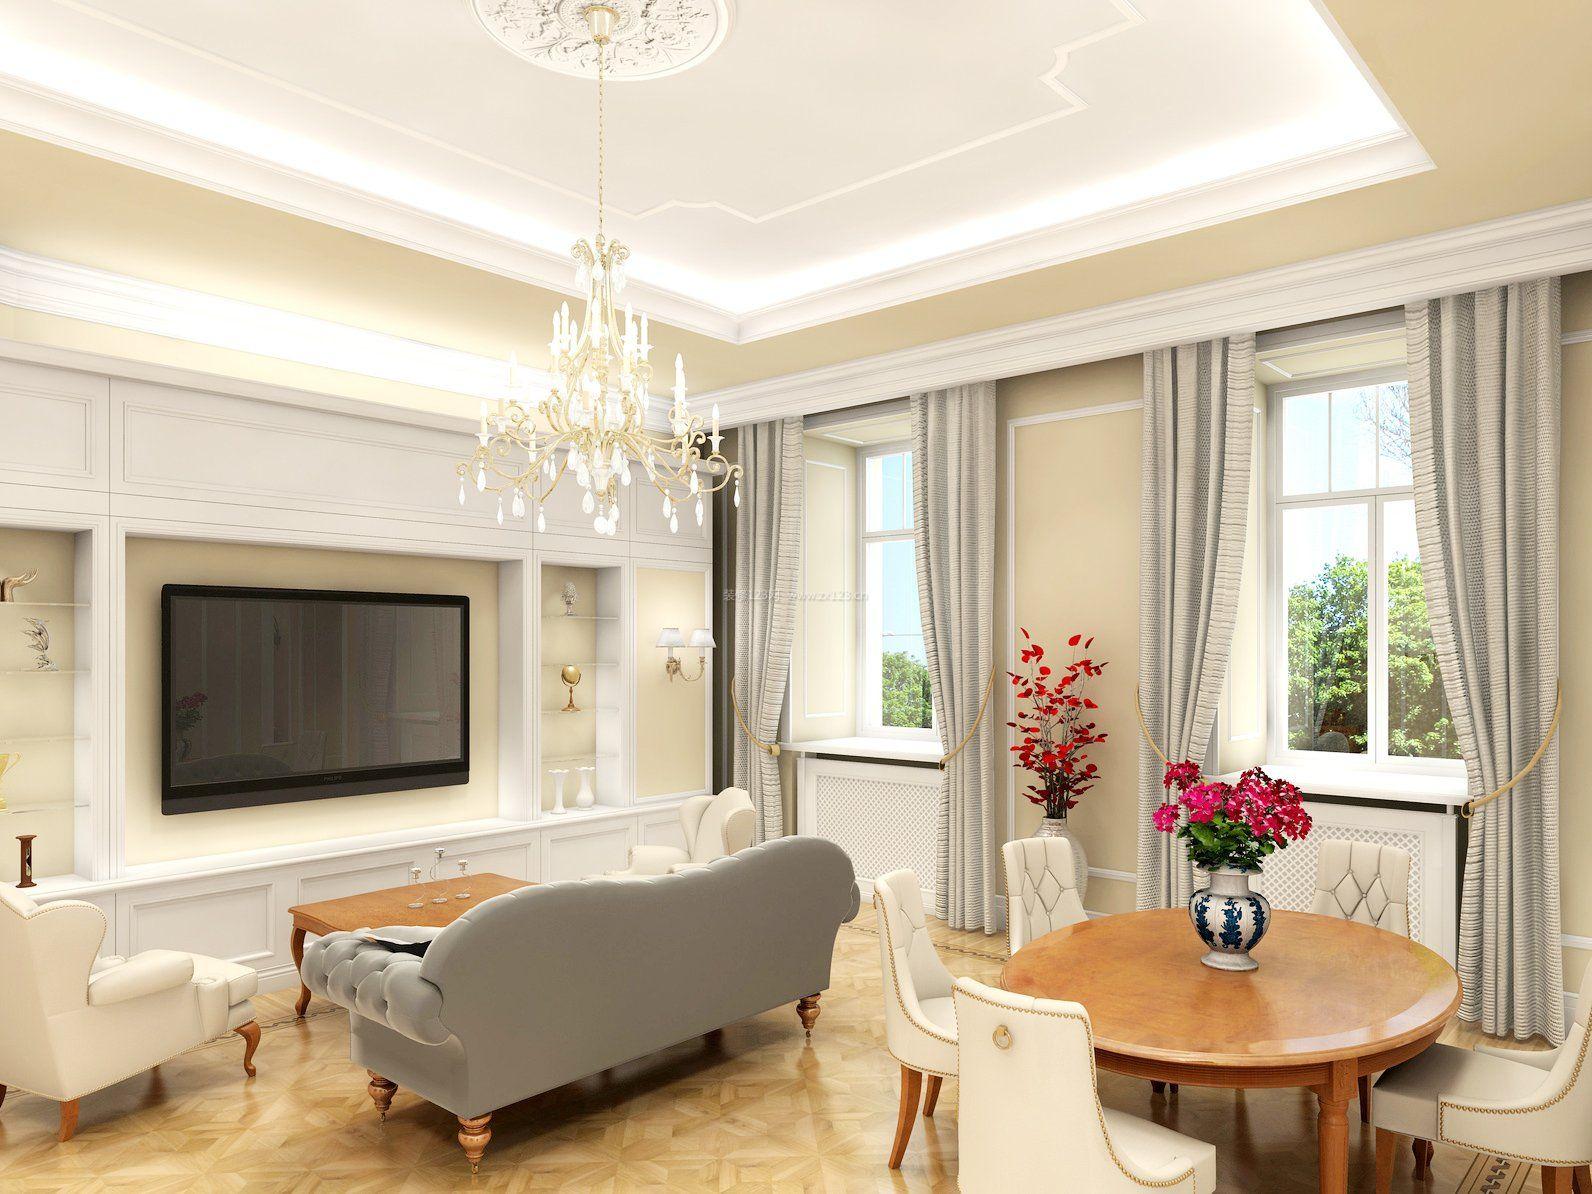 90平方室内客厅装修效果图大全